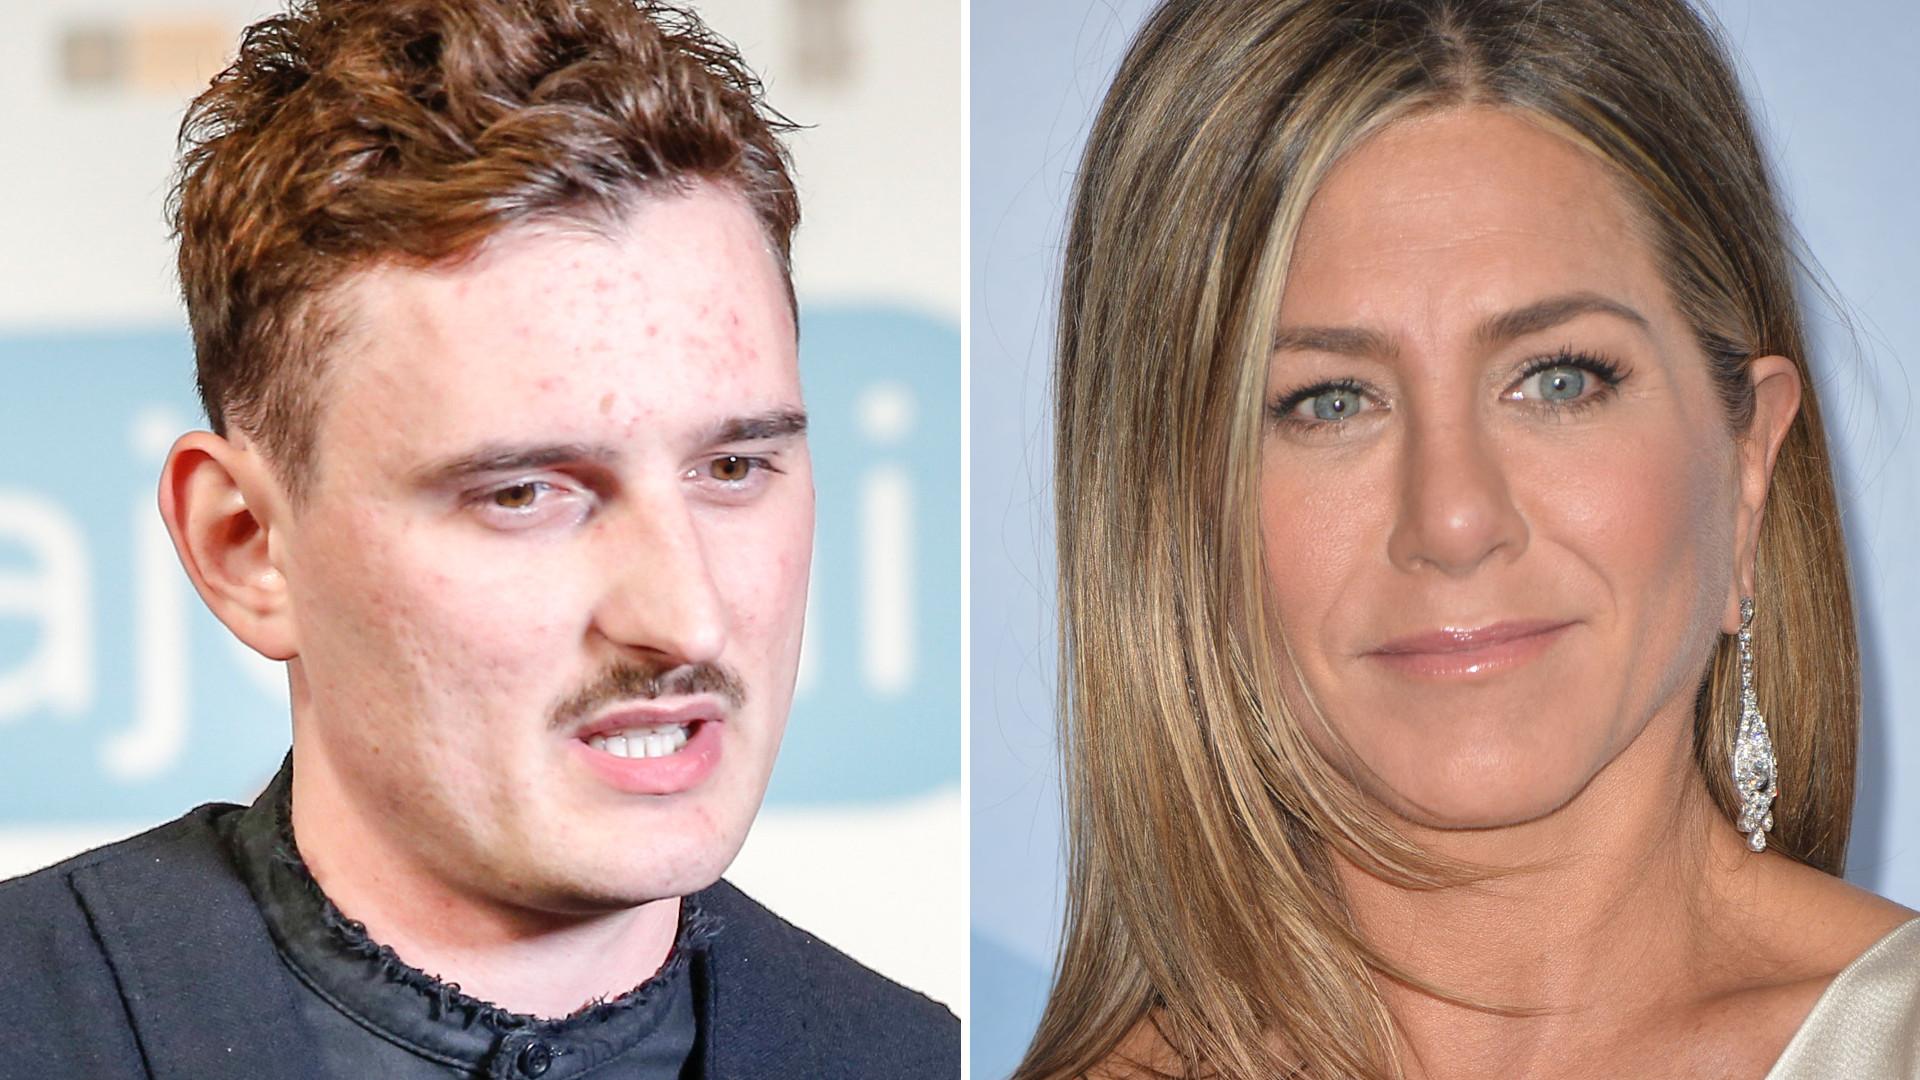 Gwiazdy wspierają LGBT. Swoje poparcie dla sytuacji w Polsce wyraziła nawet Jennifer Aniston